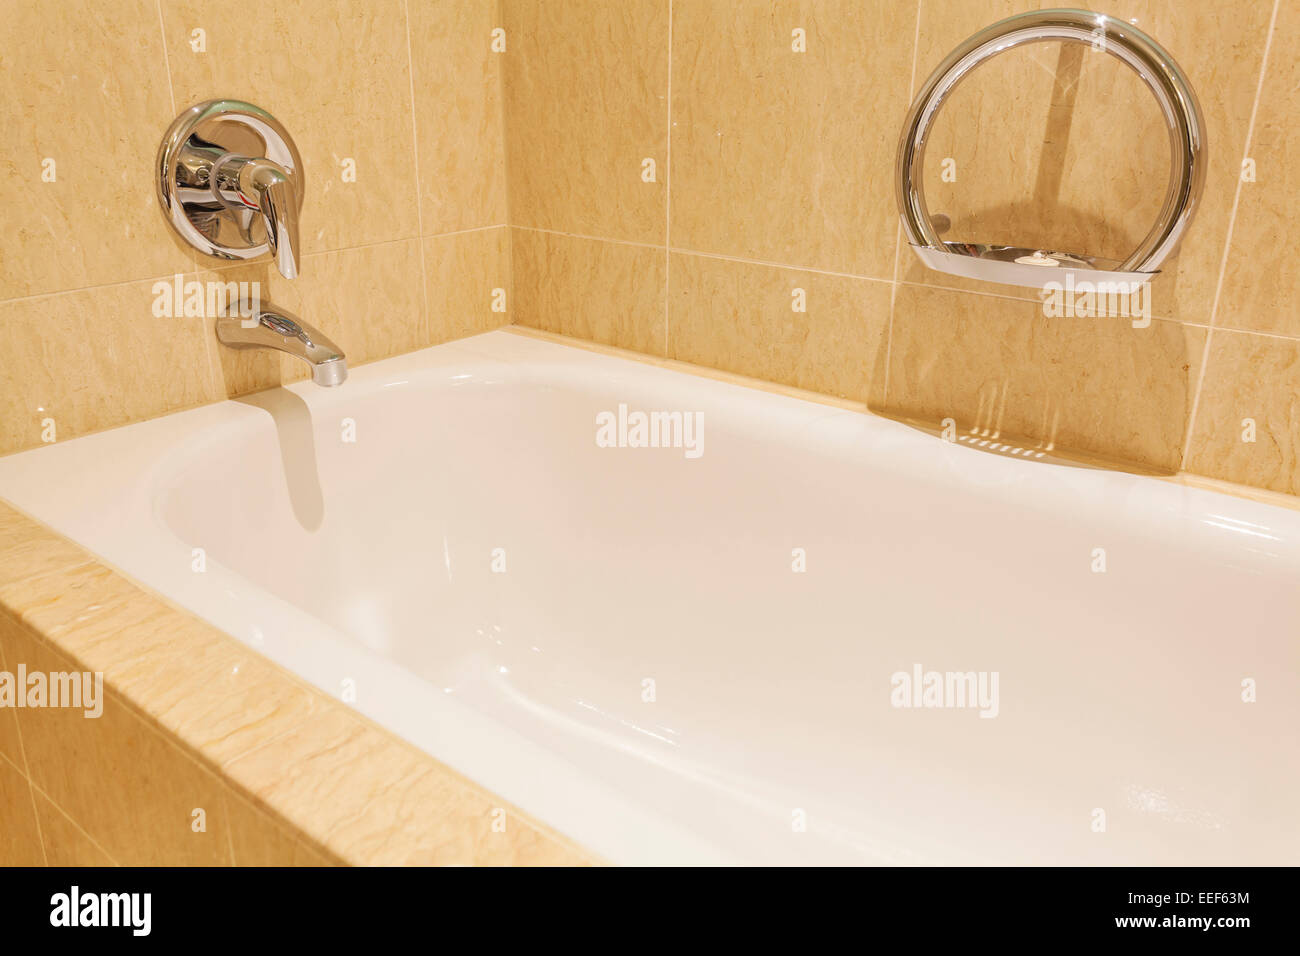 Badewanne in einem luxuriösen Hotelzimmer Stockbild